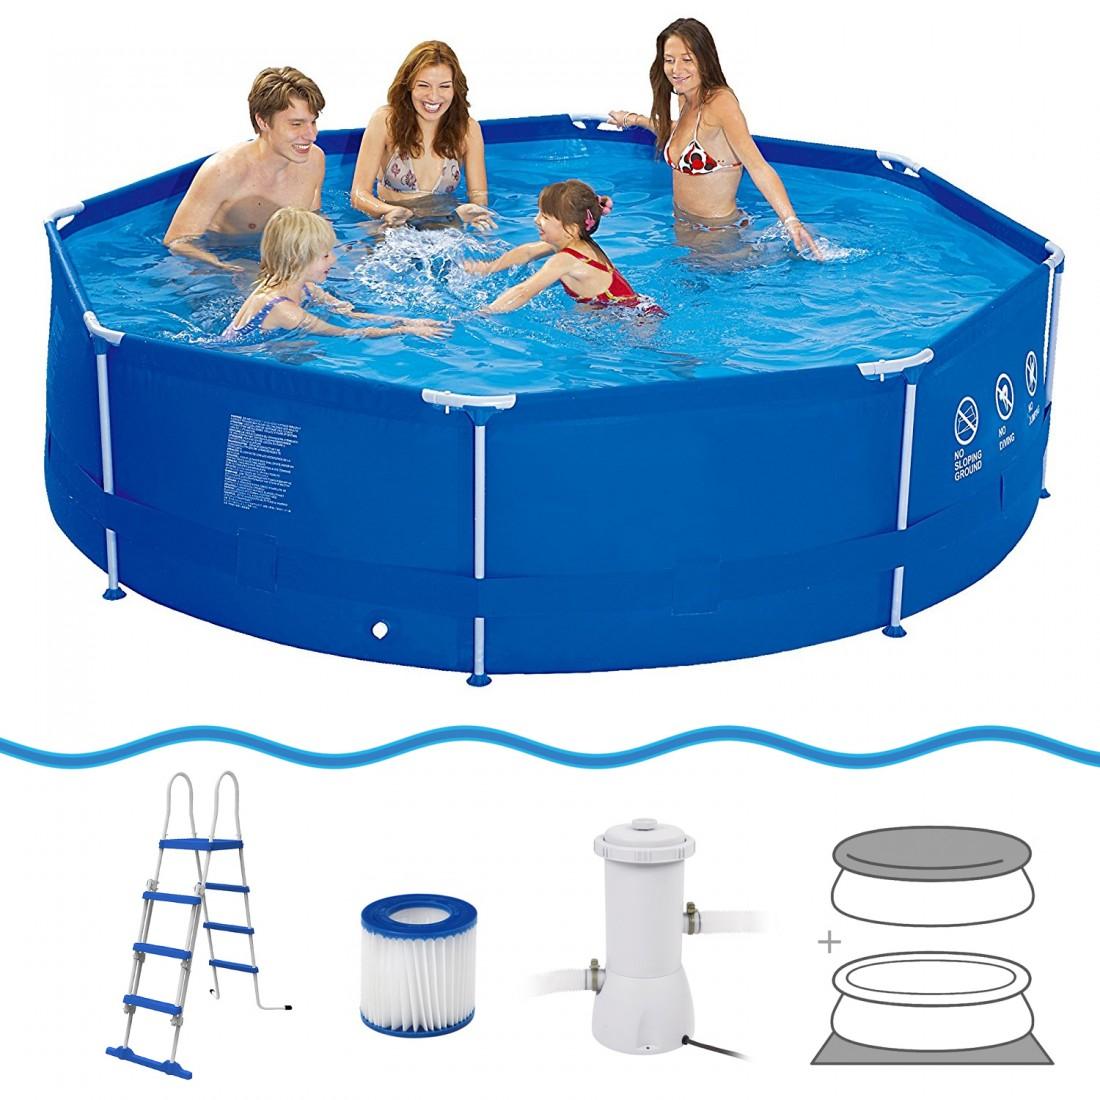 Comprare jilong sirocco blue 540 set piscina con for Comprare piscina